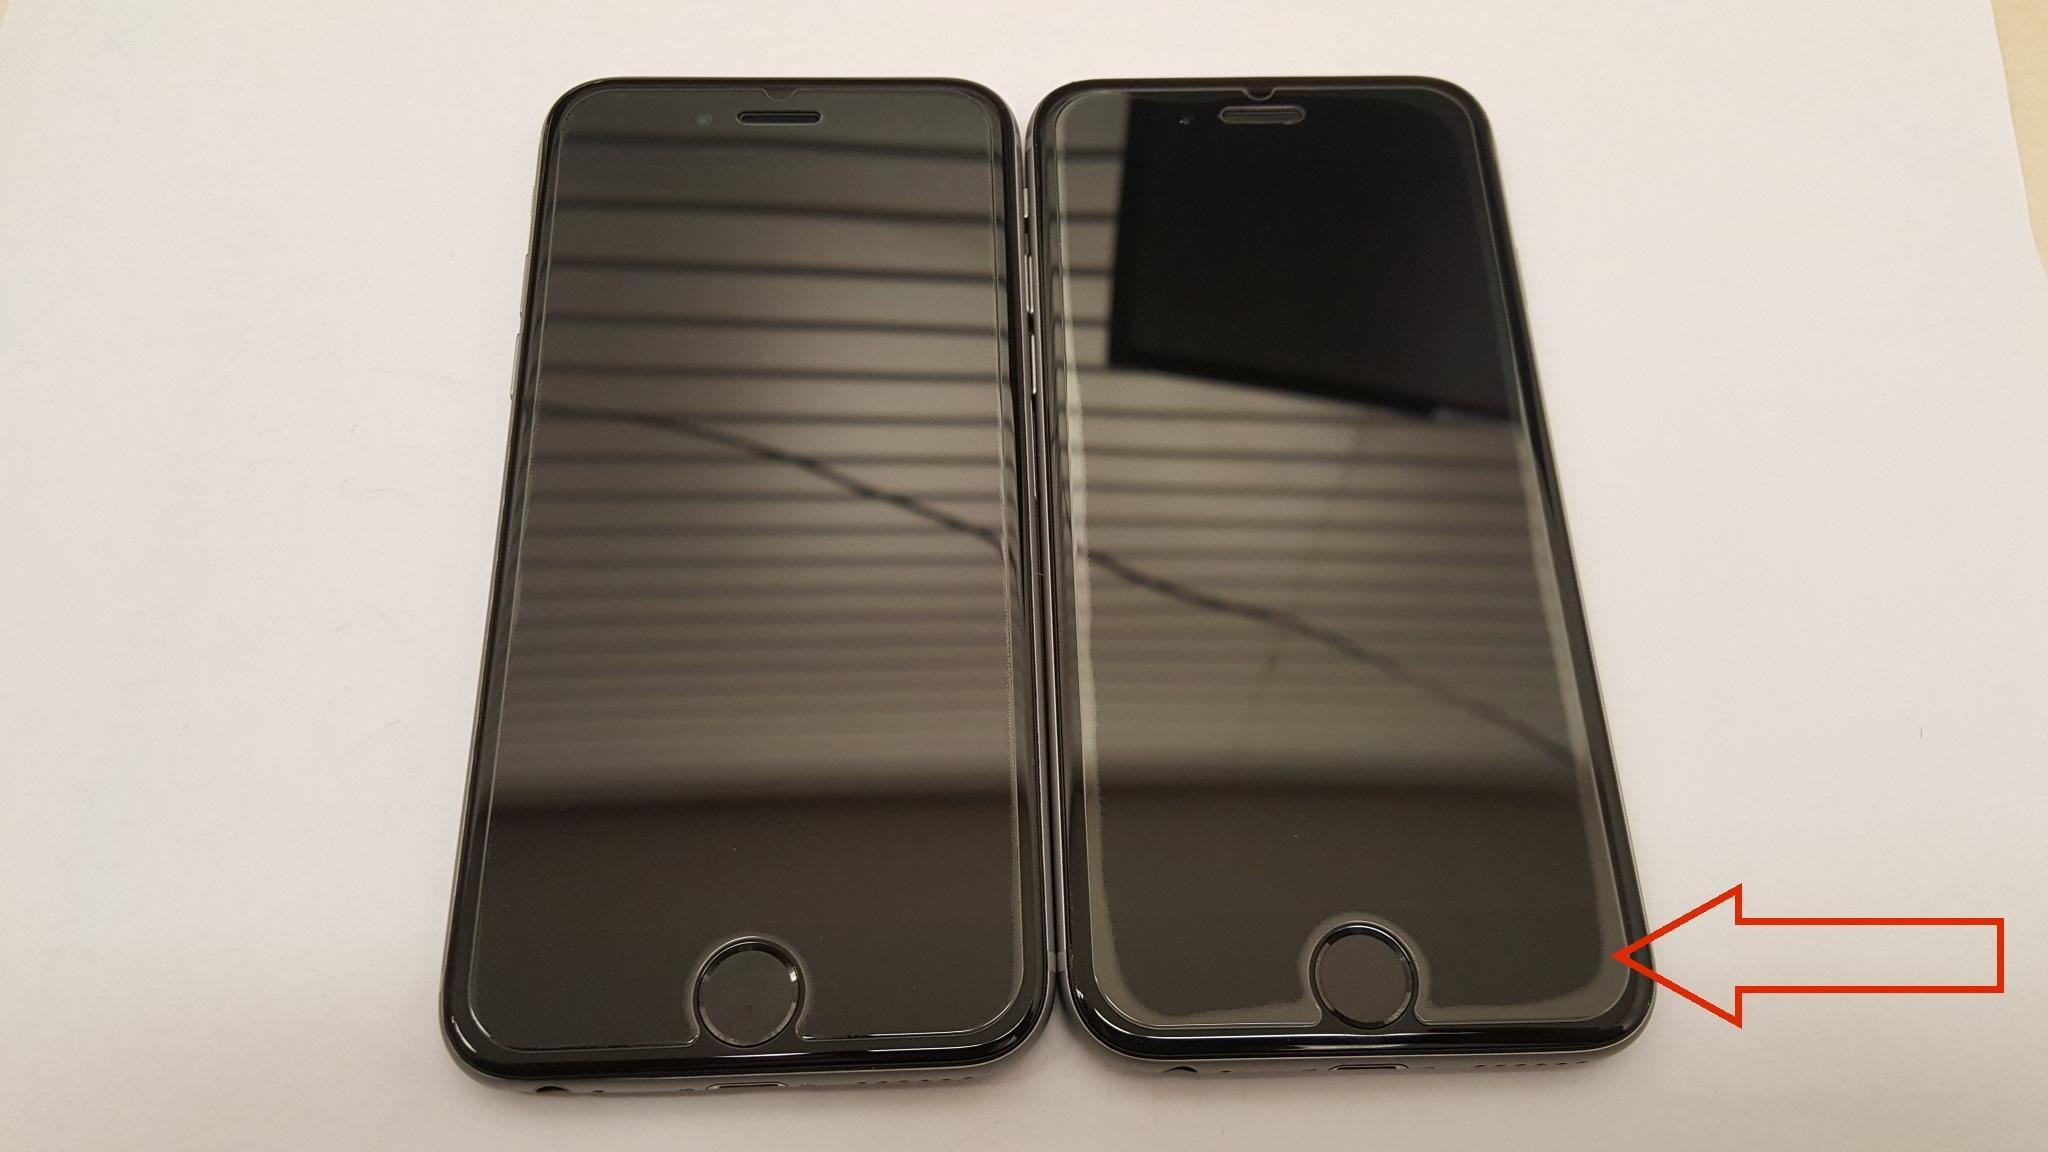 """Her vises et eksempel på problemer med skjevhet i ramme på iPhone 6. Telefonen til høyre har skjev ramme – det kan man enkelt se fordi glassbeskytteren som er lagt utenpå ikke vil feste seg i sidene. Den til venstre er behandlet pent, men begge har fått ny skjerm av Snapfix. De anbefaler deksler til alle kunder hvor de ser slike skjevheter, fordi et hardt deksel vil hindre at rammen bøyes ytterligere. I verste fall vil en skjev ramme dytte skjermen ut, noe som skaper spenning i kablene. Da vil den etterhvert slutte å fungere. Fenomenet fikk navnet """"Bendgate""""…."""